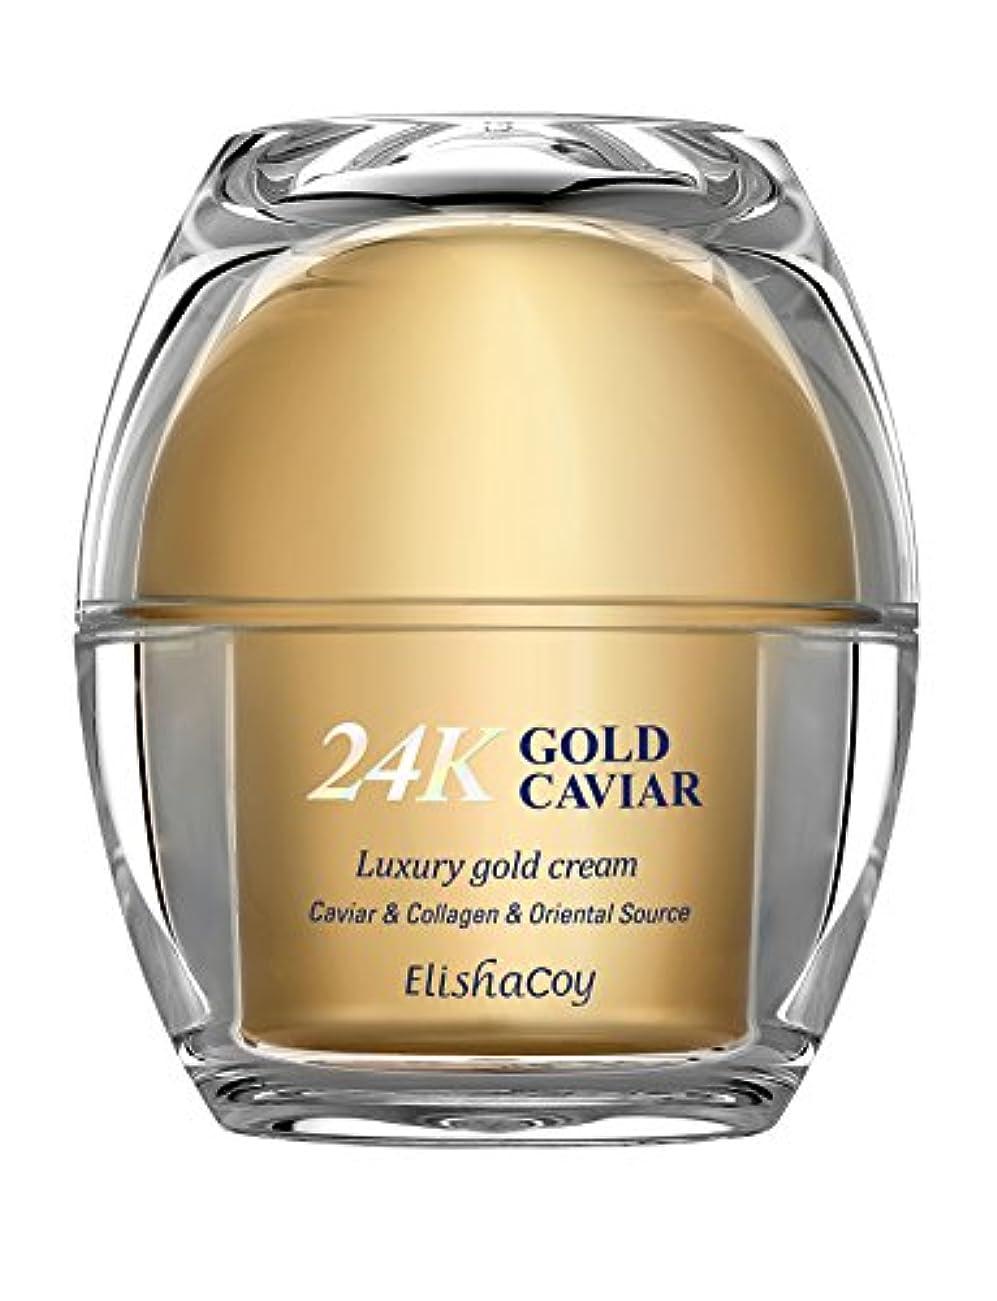 閃光悪化する通り保湿クリーム エリシャコイ24Kゴールドキャビアクリーム50g